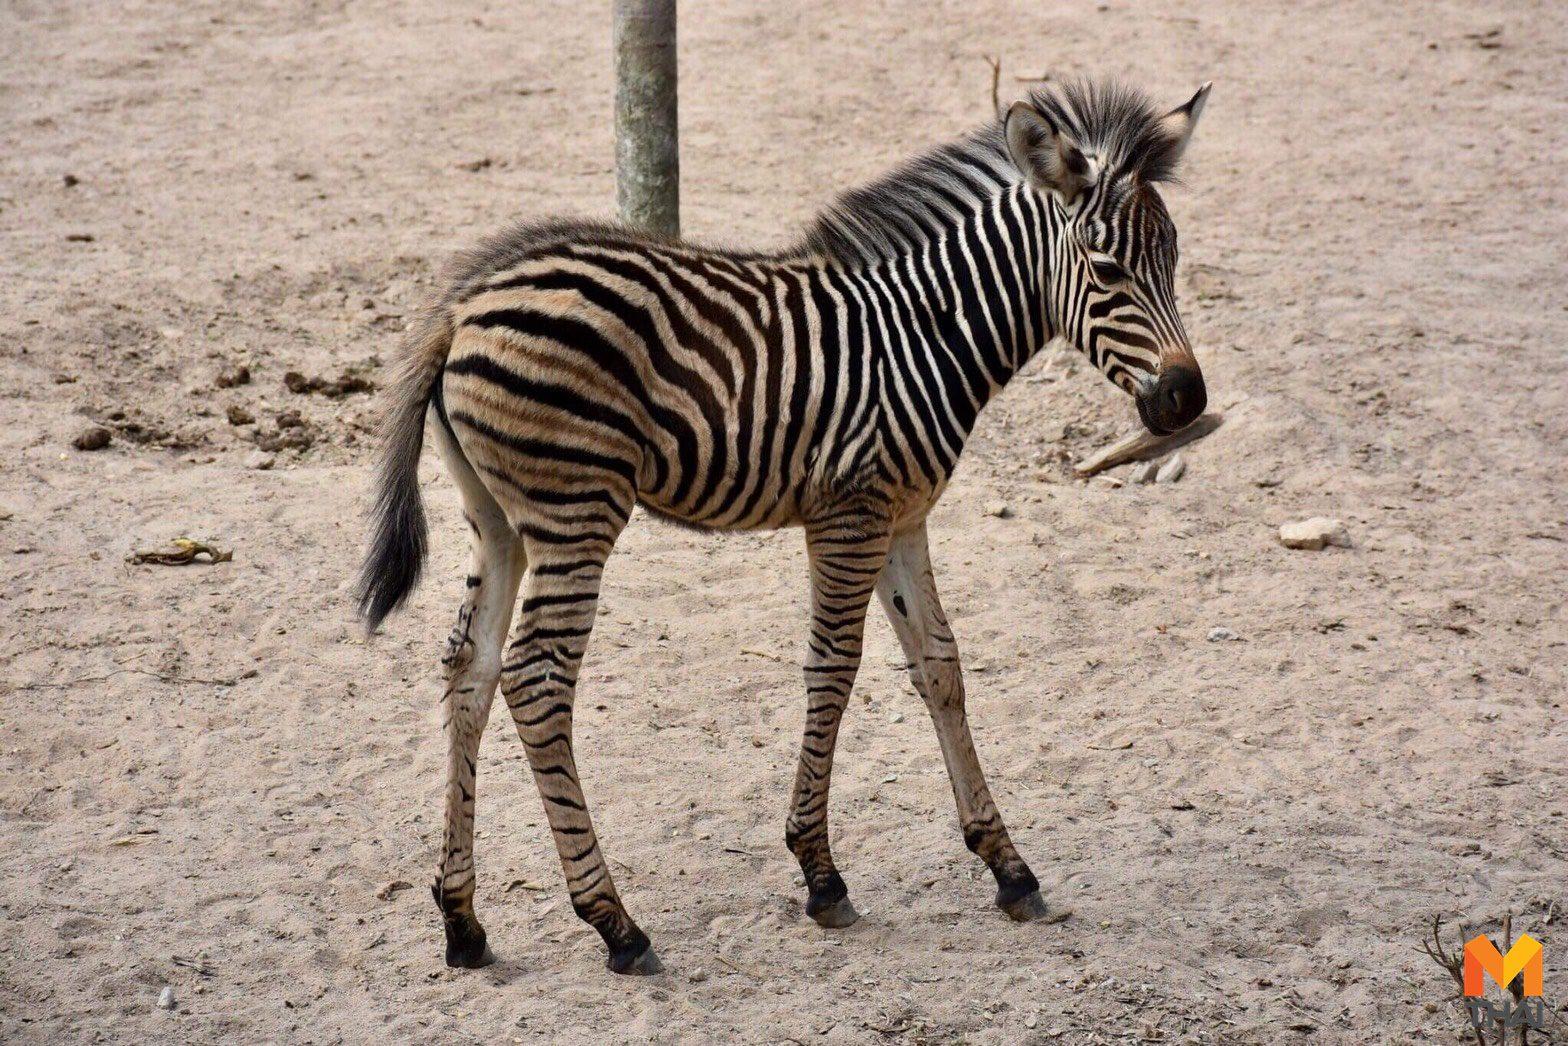 สุดปลื้ม!! ม้าลายลูกติดจากเขาดิน มาเกิดที่เขาเขียวฉลองตรุษจีน